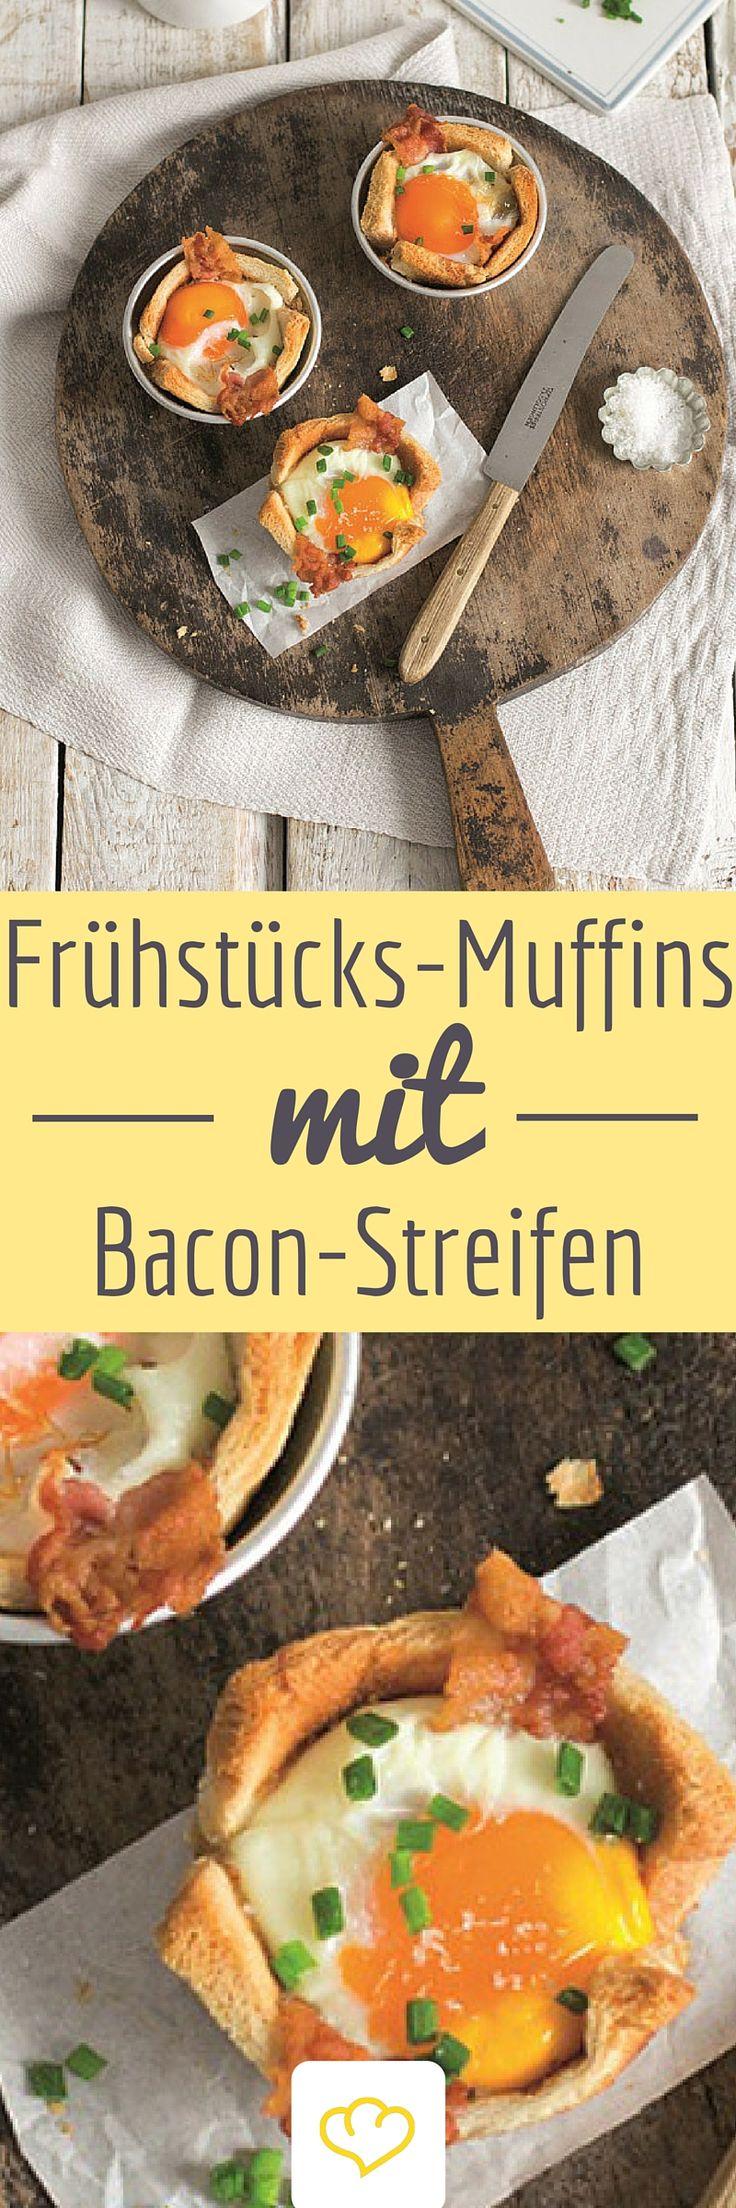 Muffins zum Frühstück? Warum nicht! Die Eier-Speck Muffins von Lykkelig sehen toll aus und schmecken köstlich!